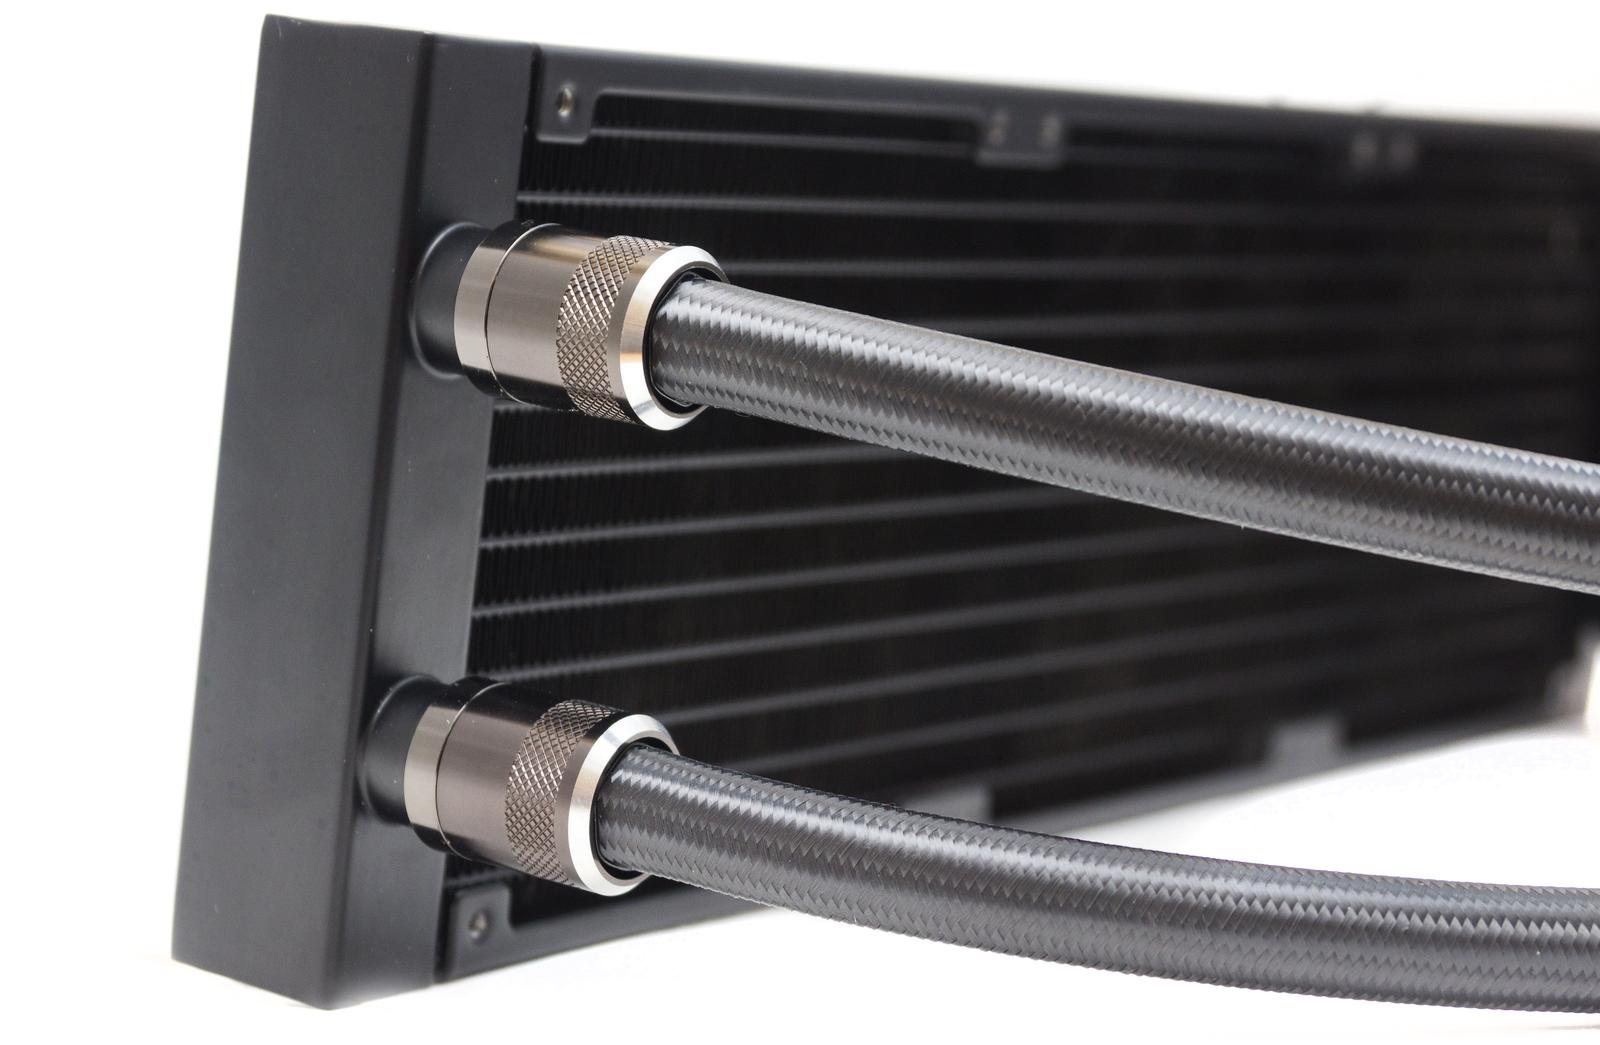 Kompyutery i komplektuyushcie - Obzor sistemy zhidkostnogo ohlazhdeniya ID-Cooling DASHFLOW 360